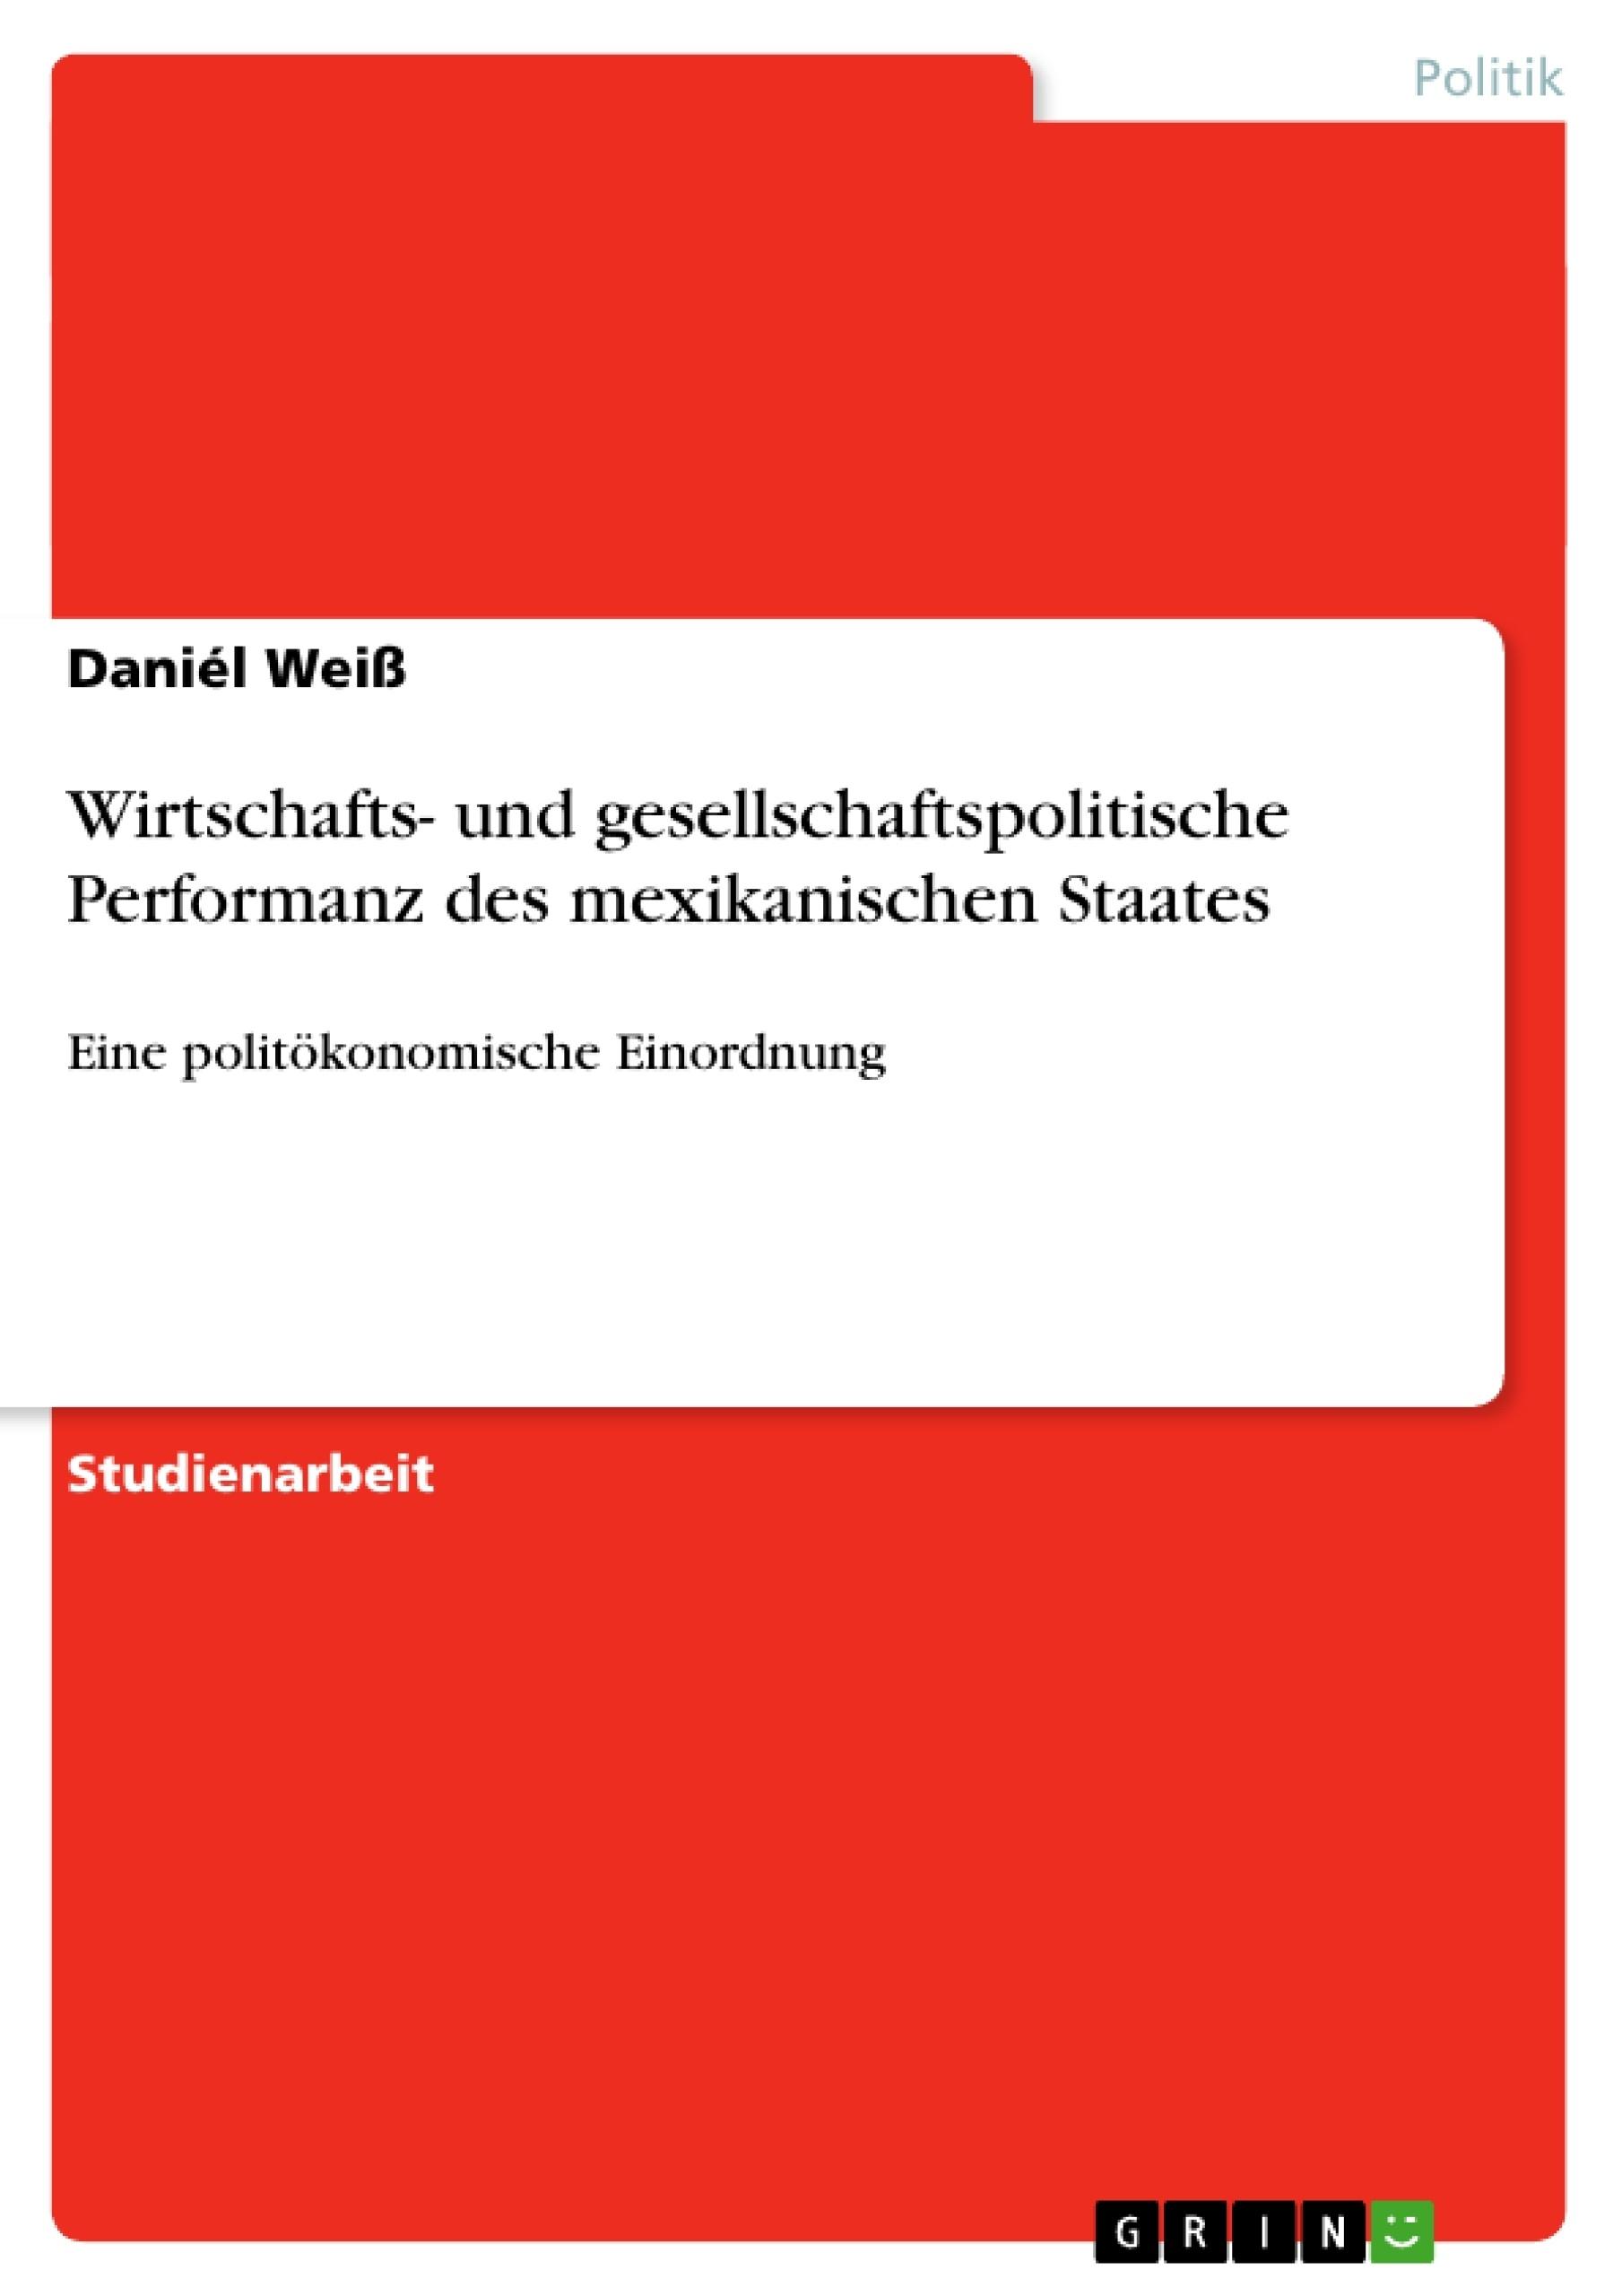 Titel: Wirtschafts- und gesellschaftspolitische Performanz des mexikanischen Staates